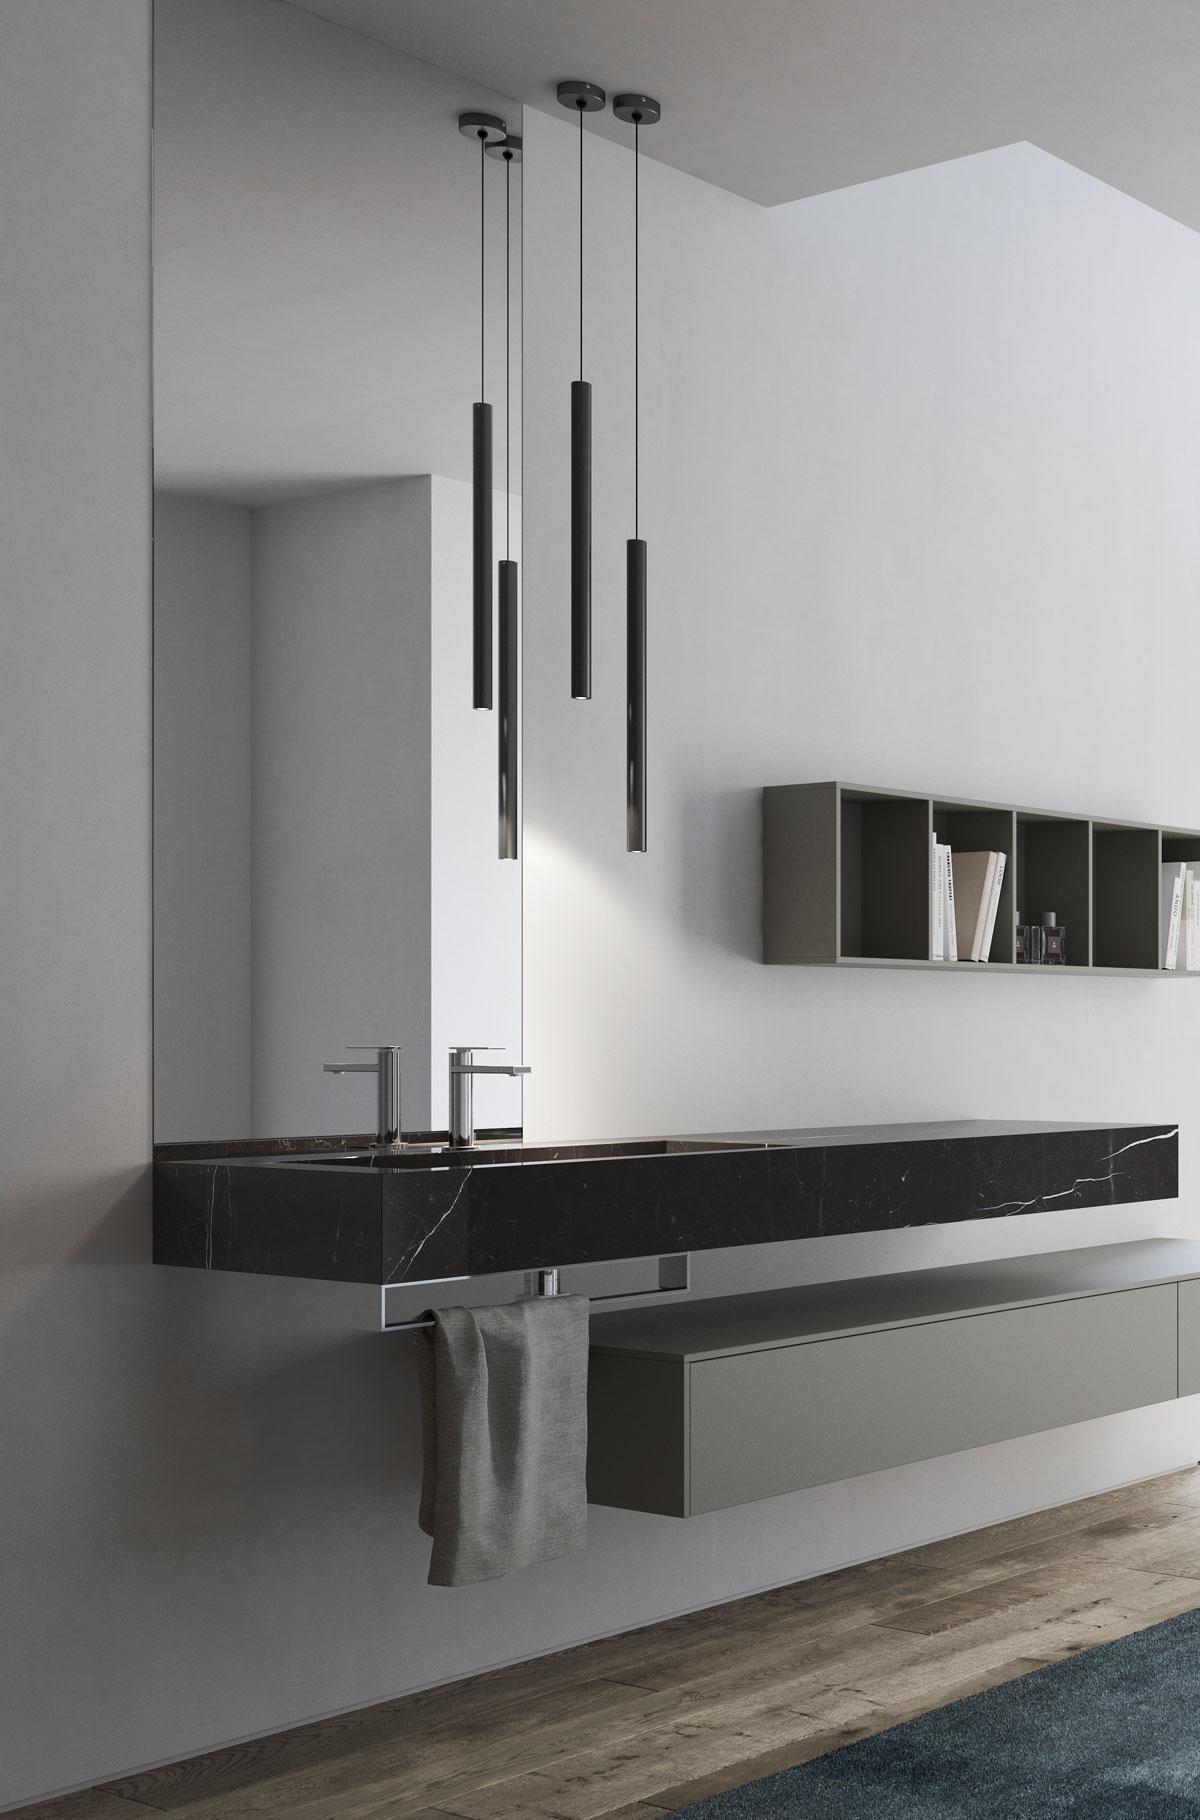 Lampadario per il bagno alcune ispirazioni di design ideagroup blog - Lampadario bagno moderno ...